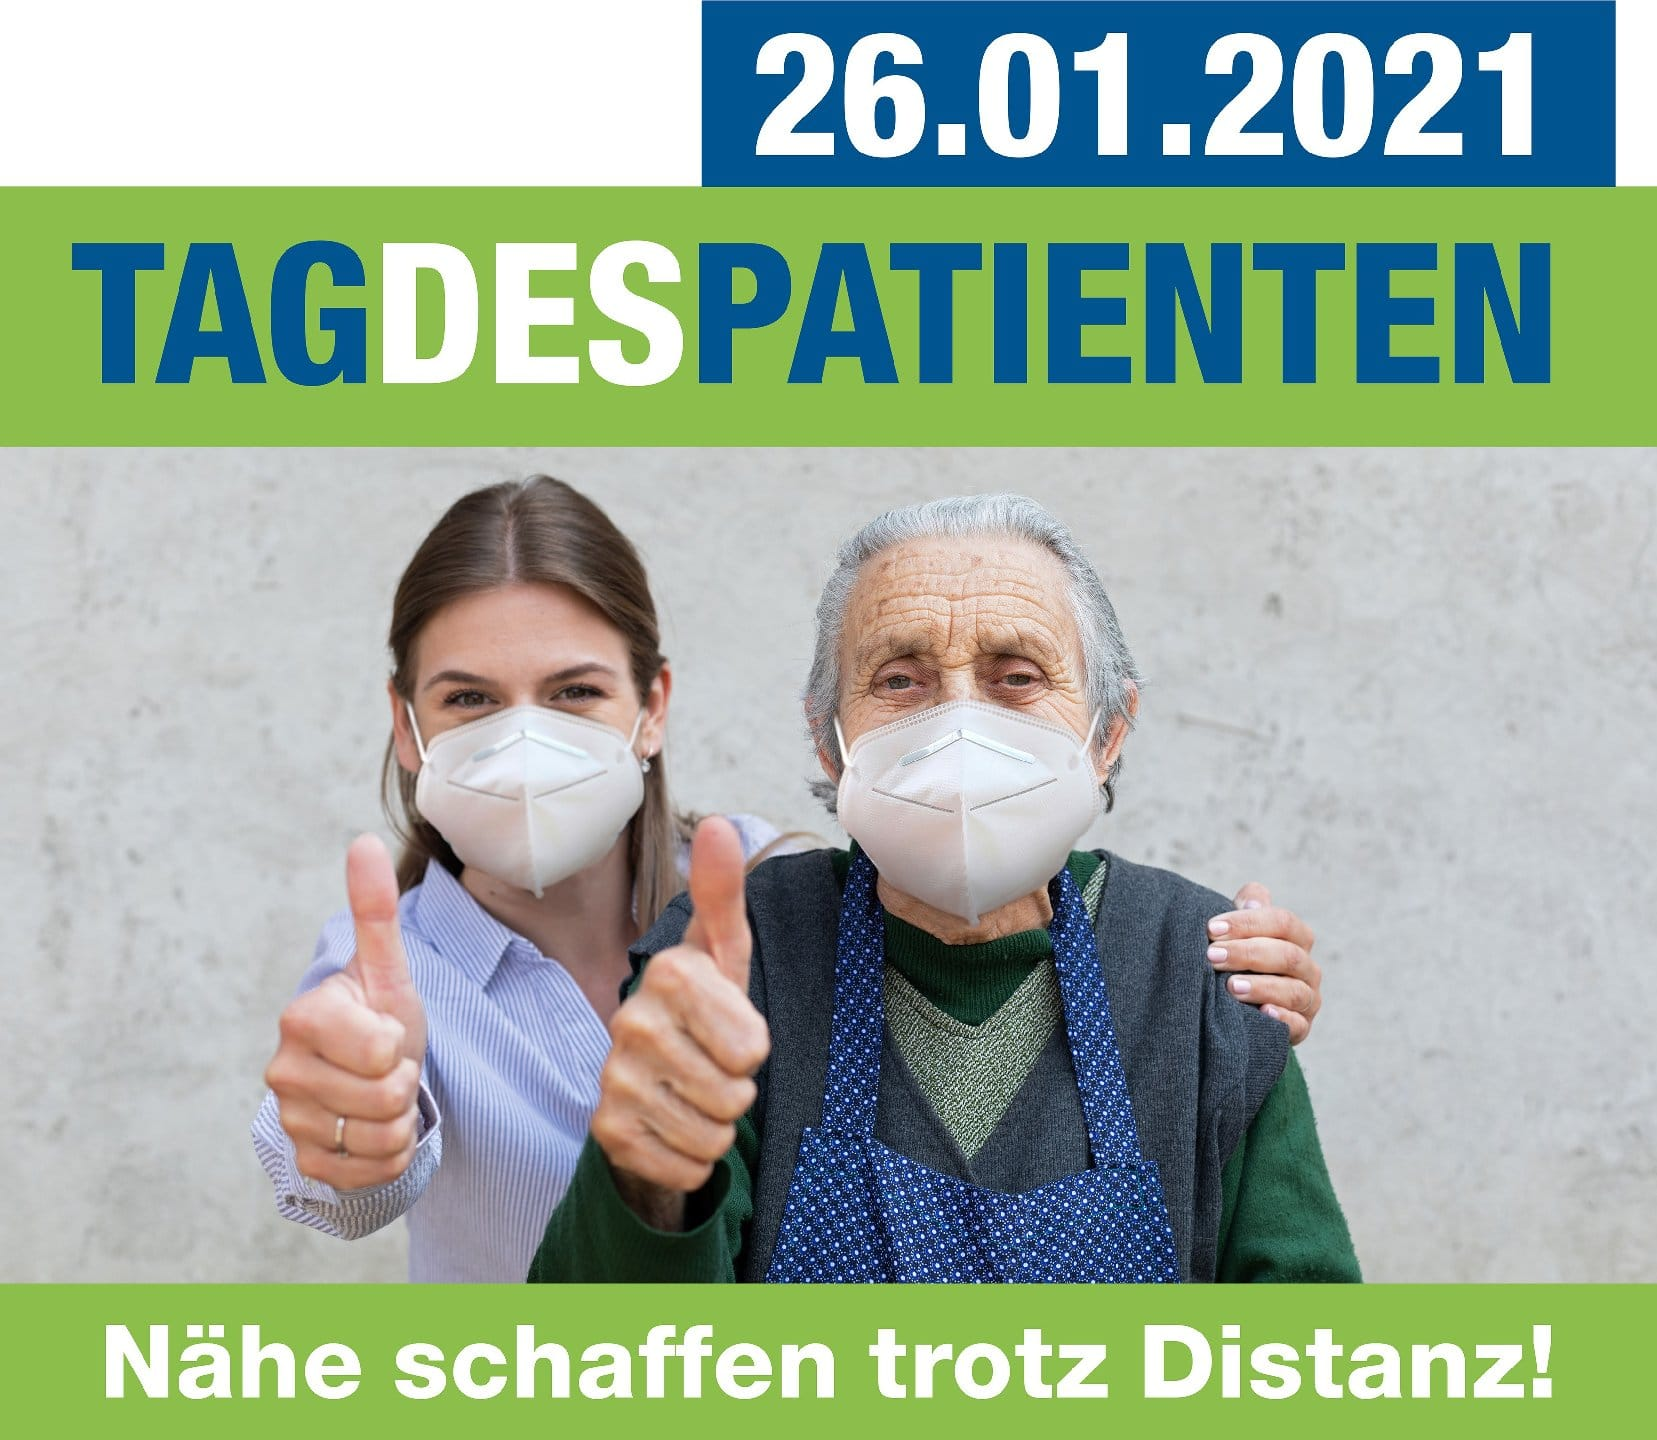 © Hüttenhospital